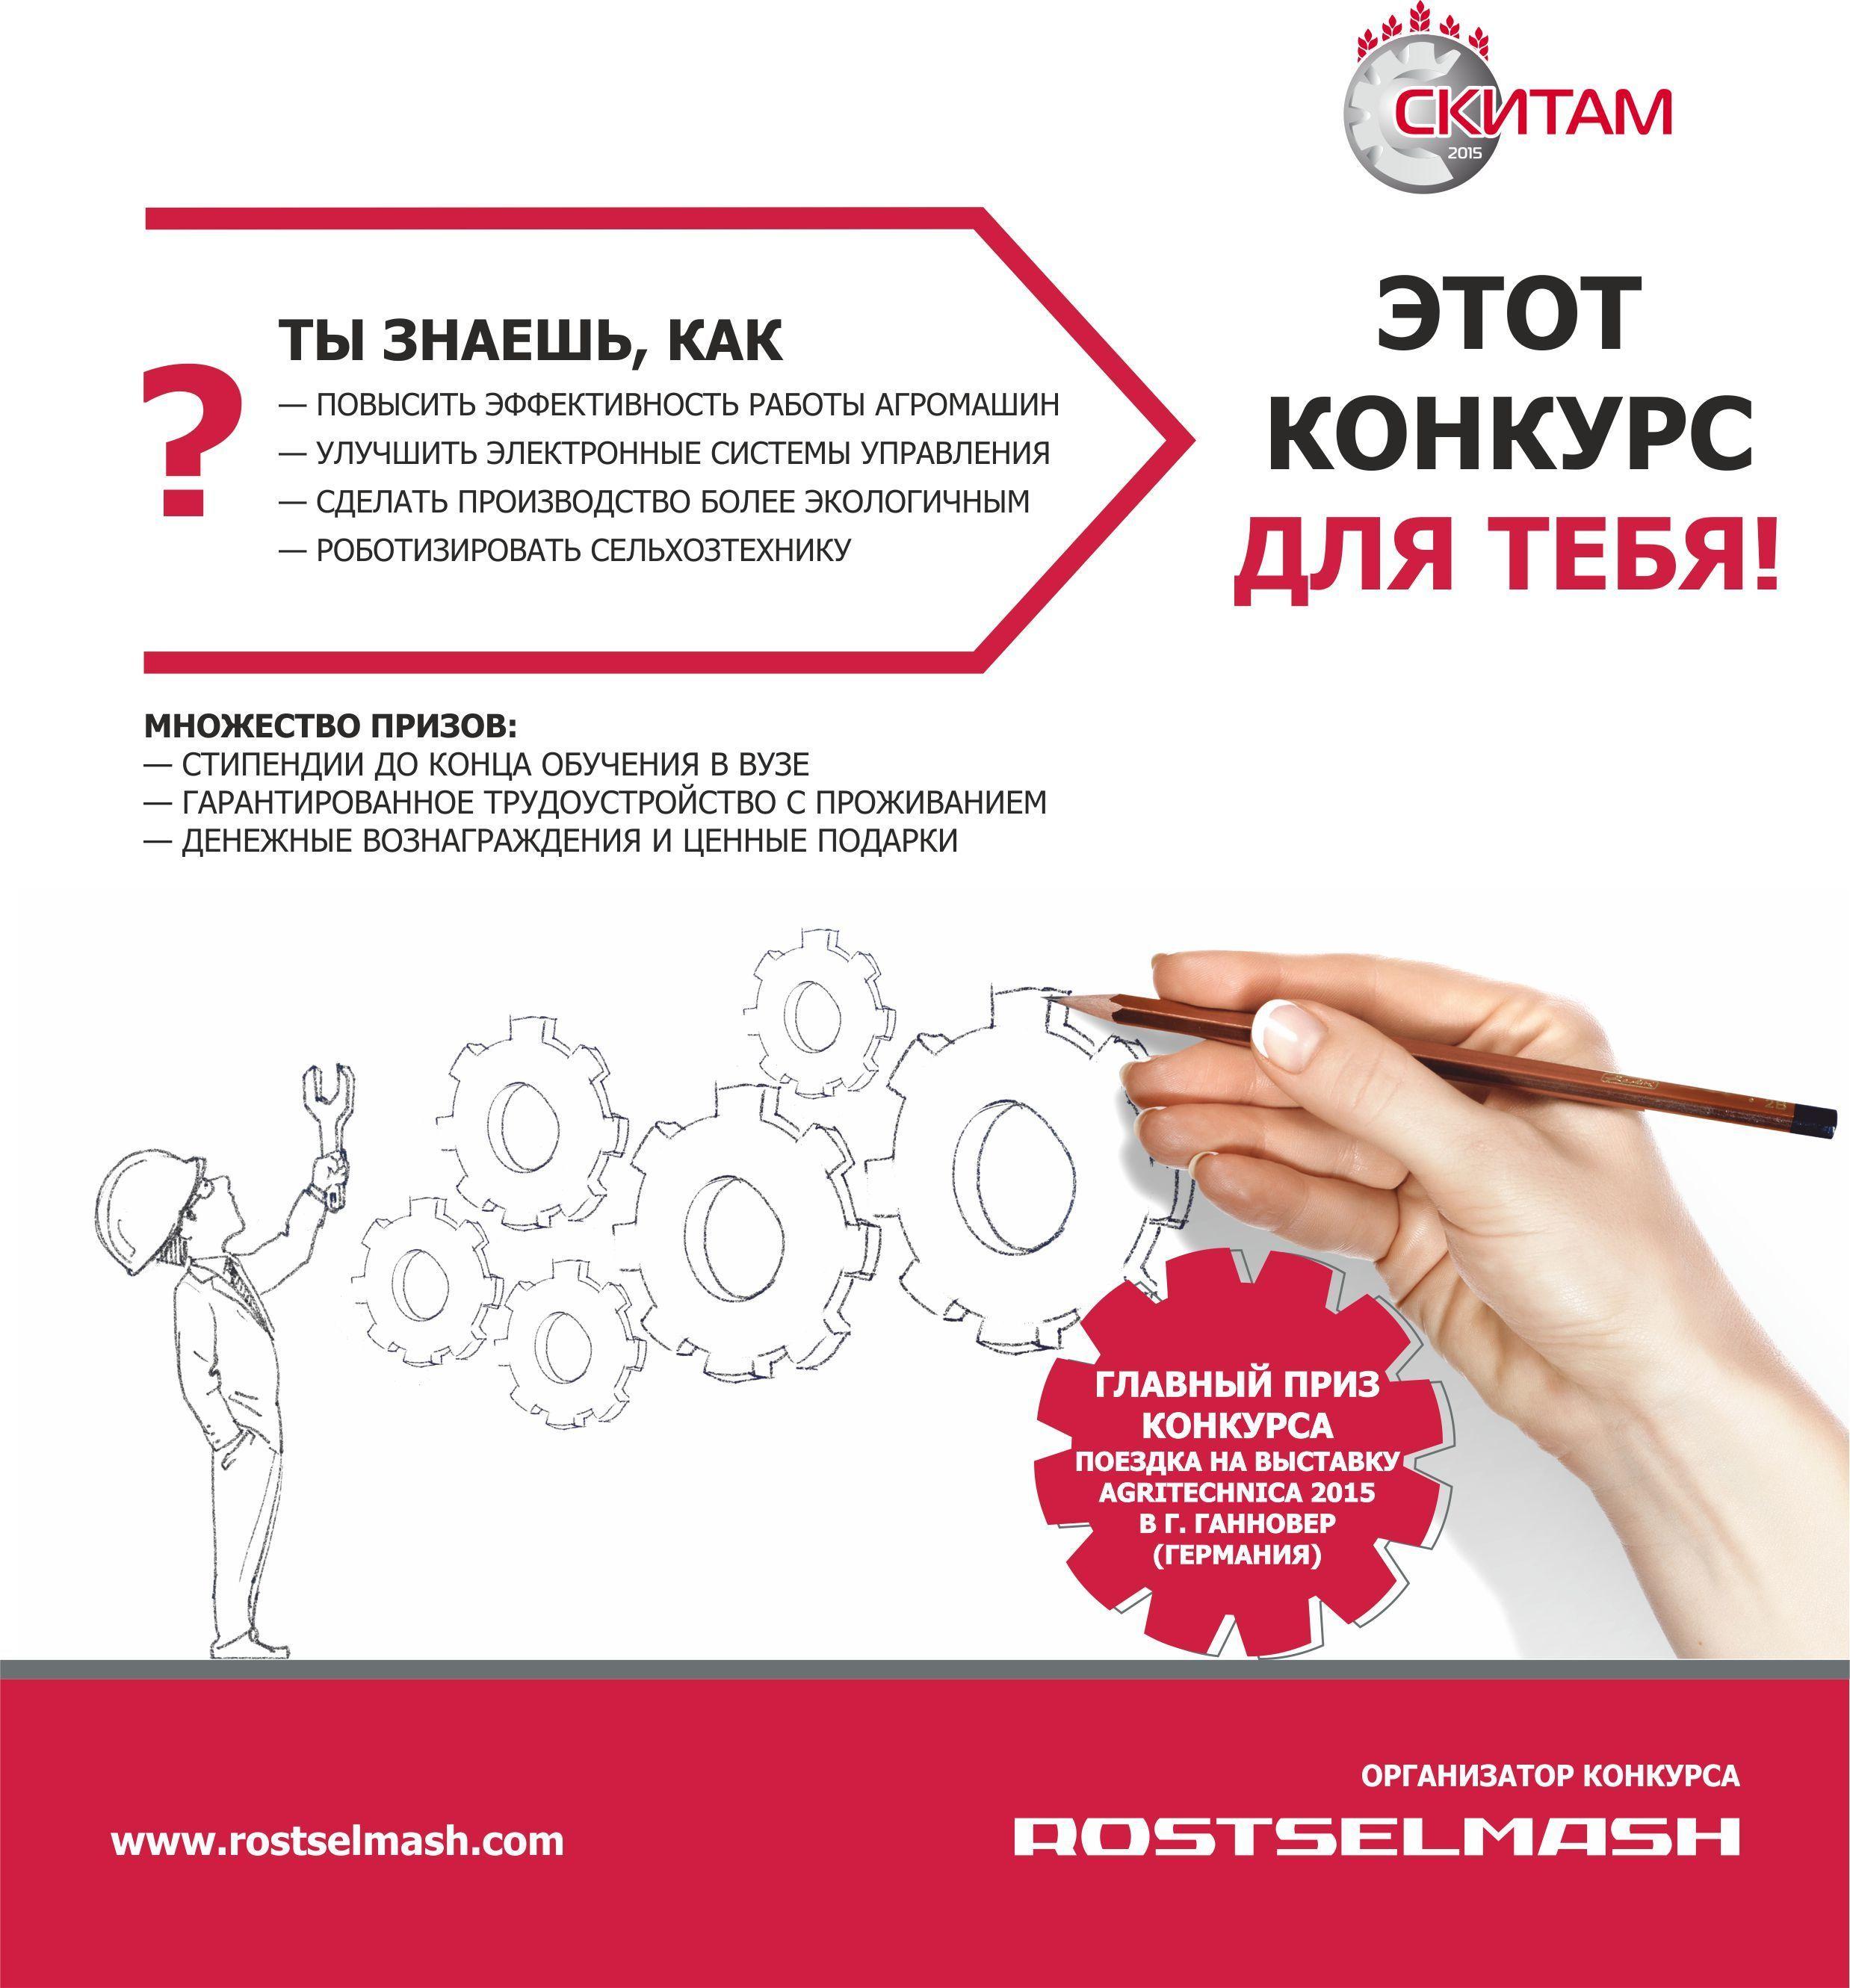 Открыт приём документов наПервый всероссийский студенческий конкурс инновационных технологий аграрного машиностроения (СКИТАМ 2015)